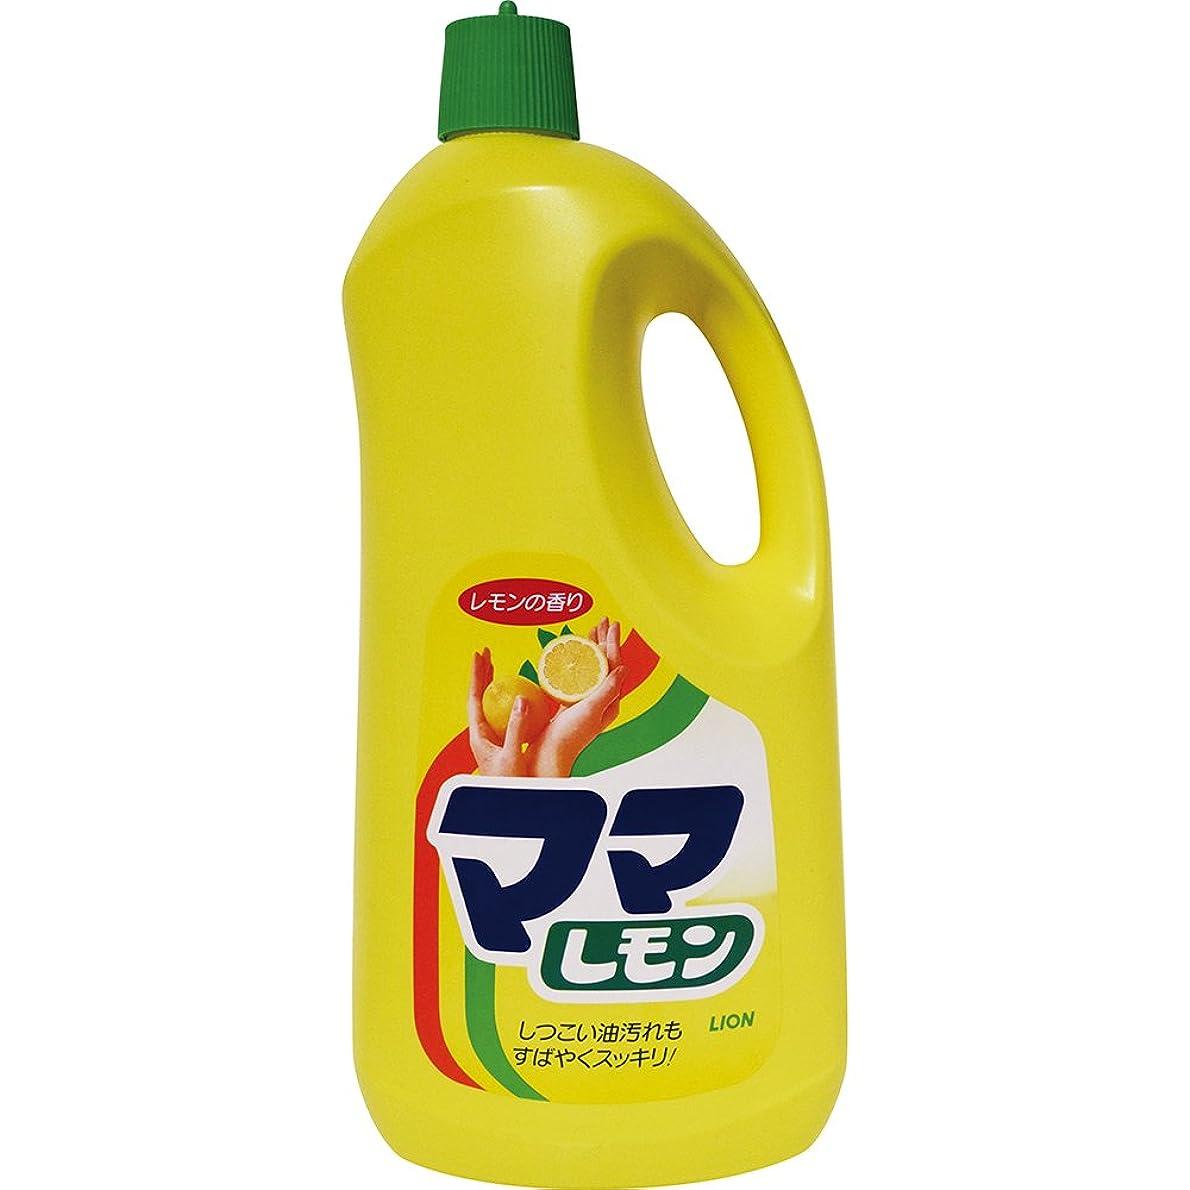 試用抑制する磁石【大容量】ママレモン 食器用洗剤 本体 2150ml